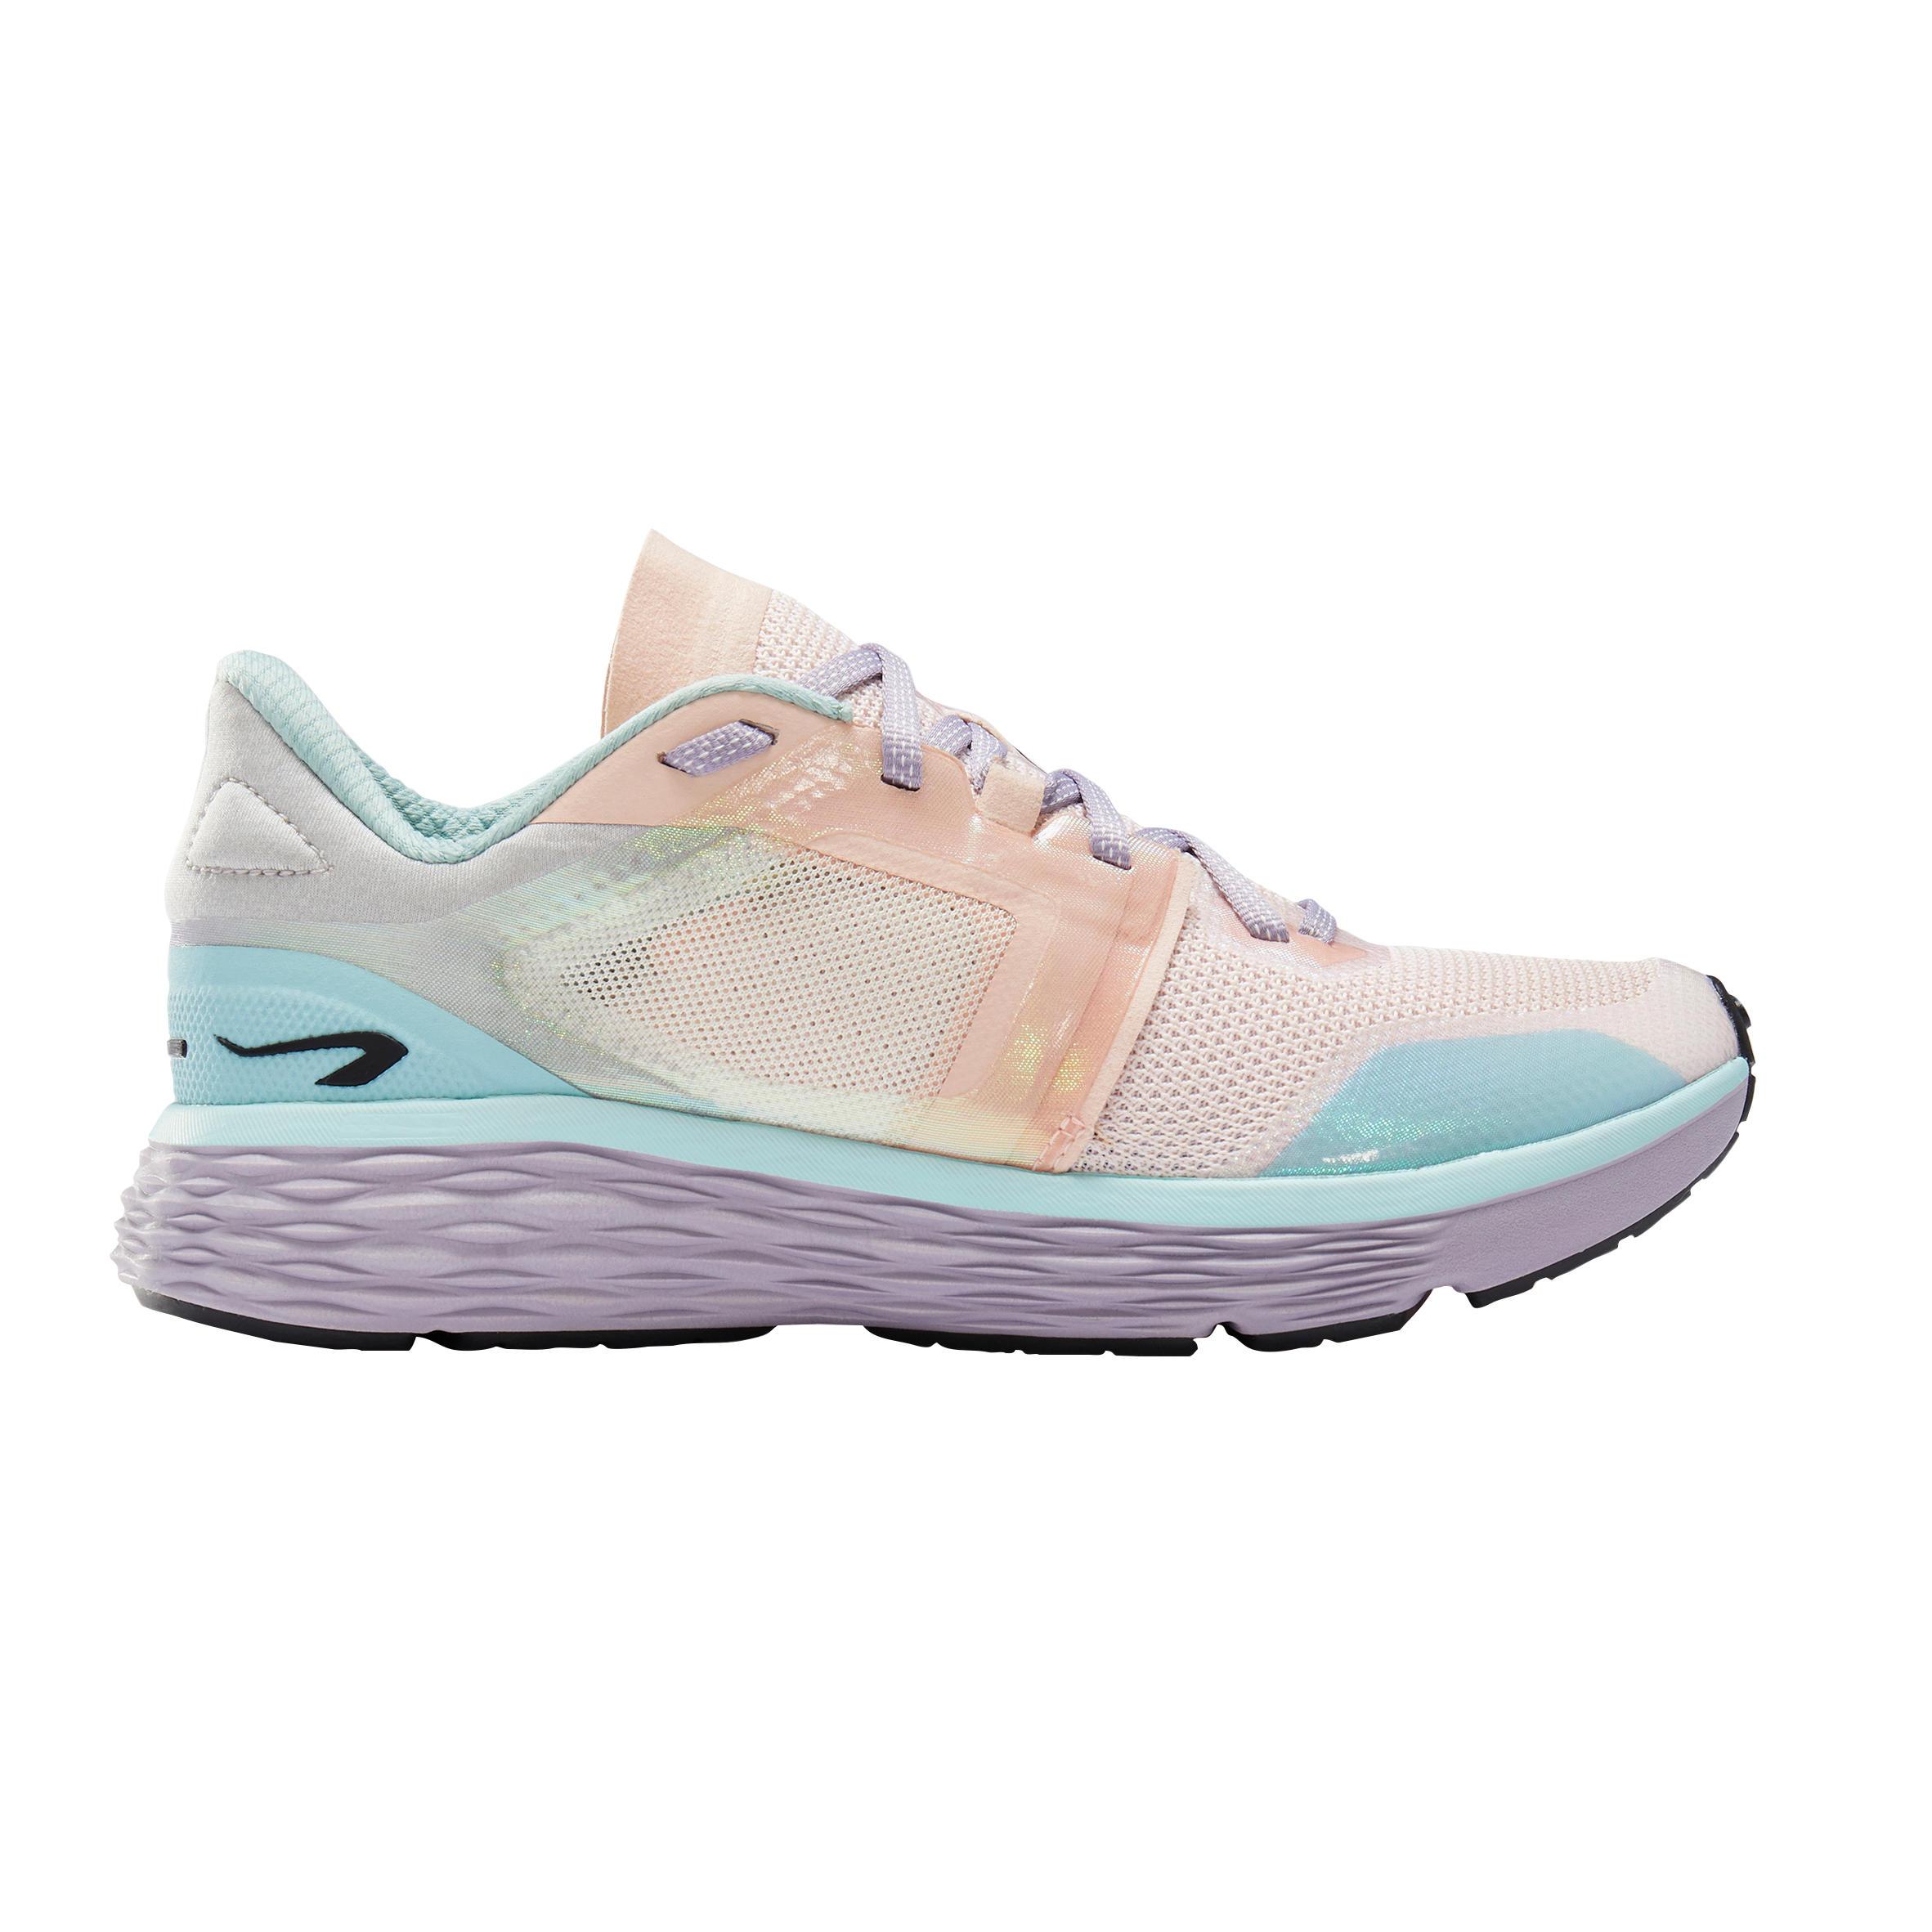 Women's Shoes - Shoes for Women Buy